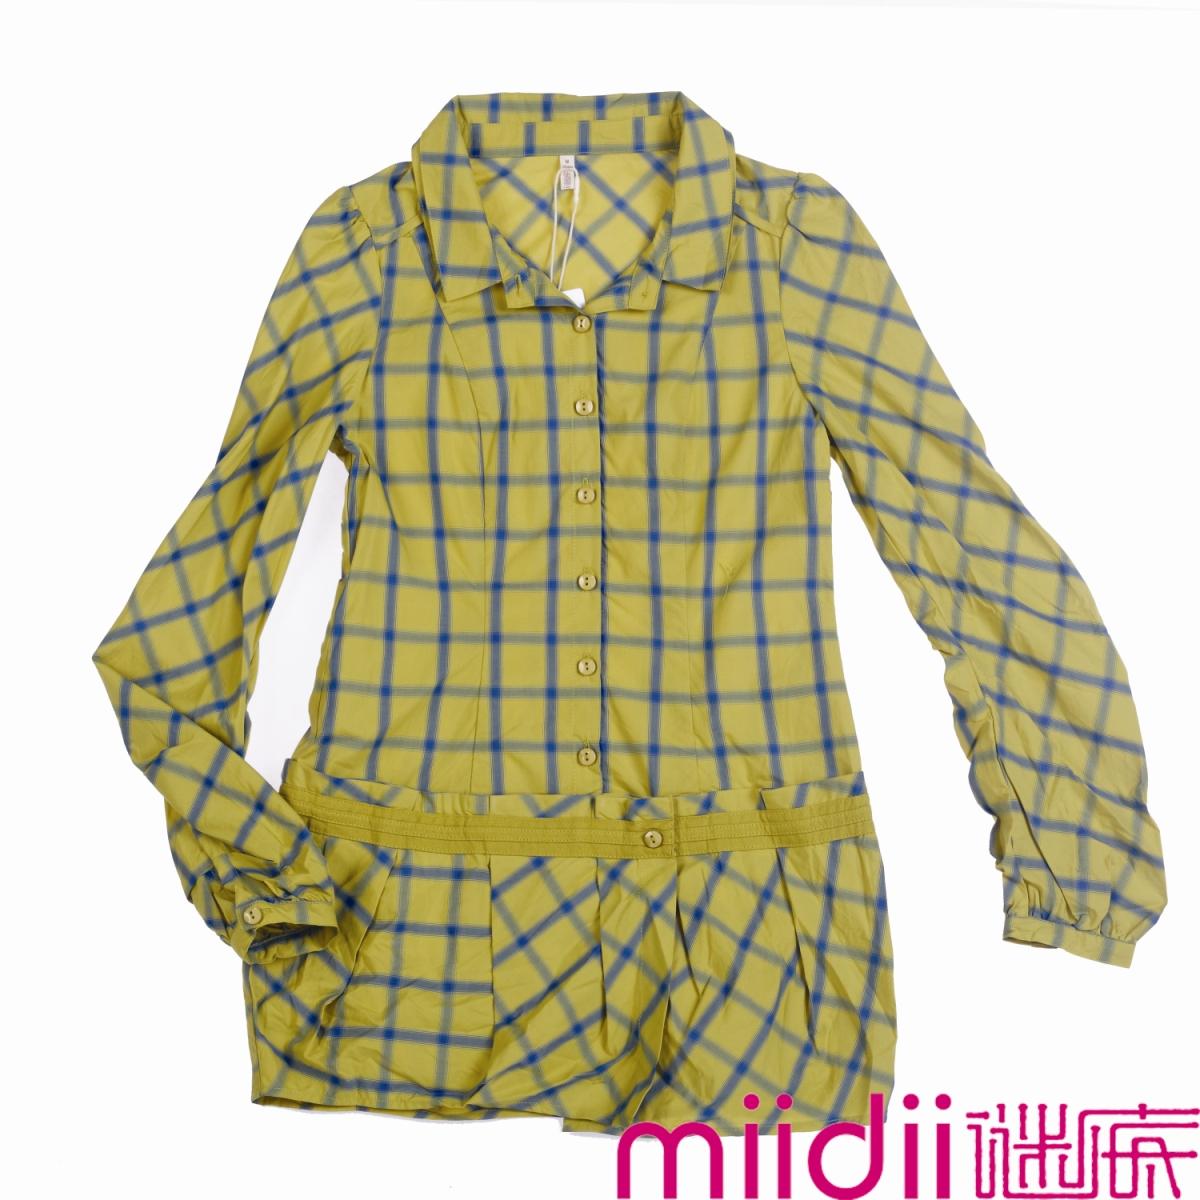 женская рубашка Answers 03mc1087 Оригинальный дизайн Длинный рукав Разный дизайн